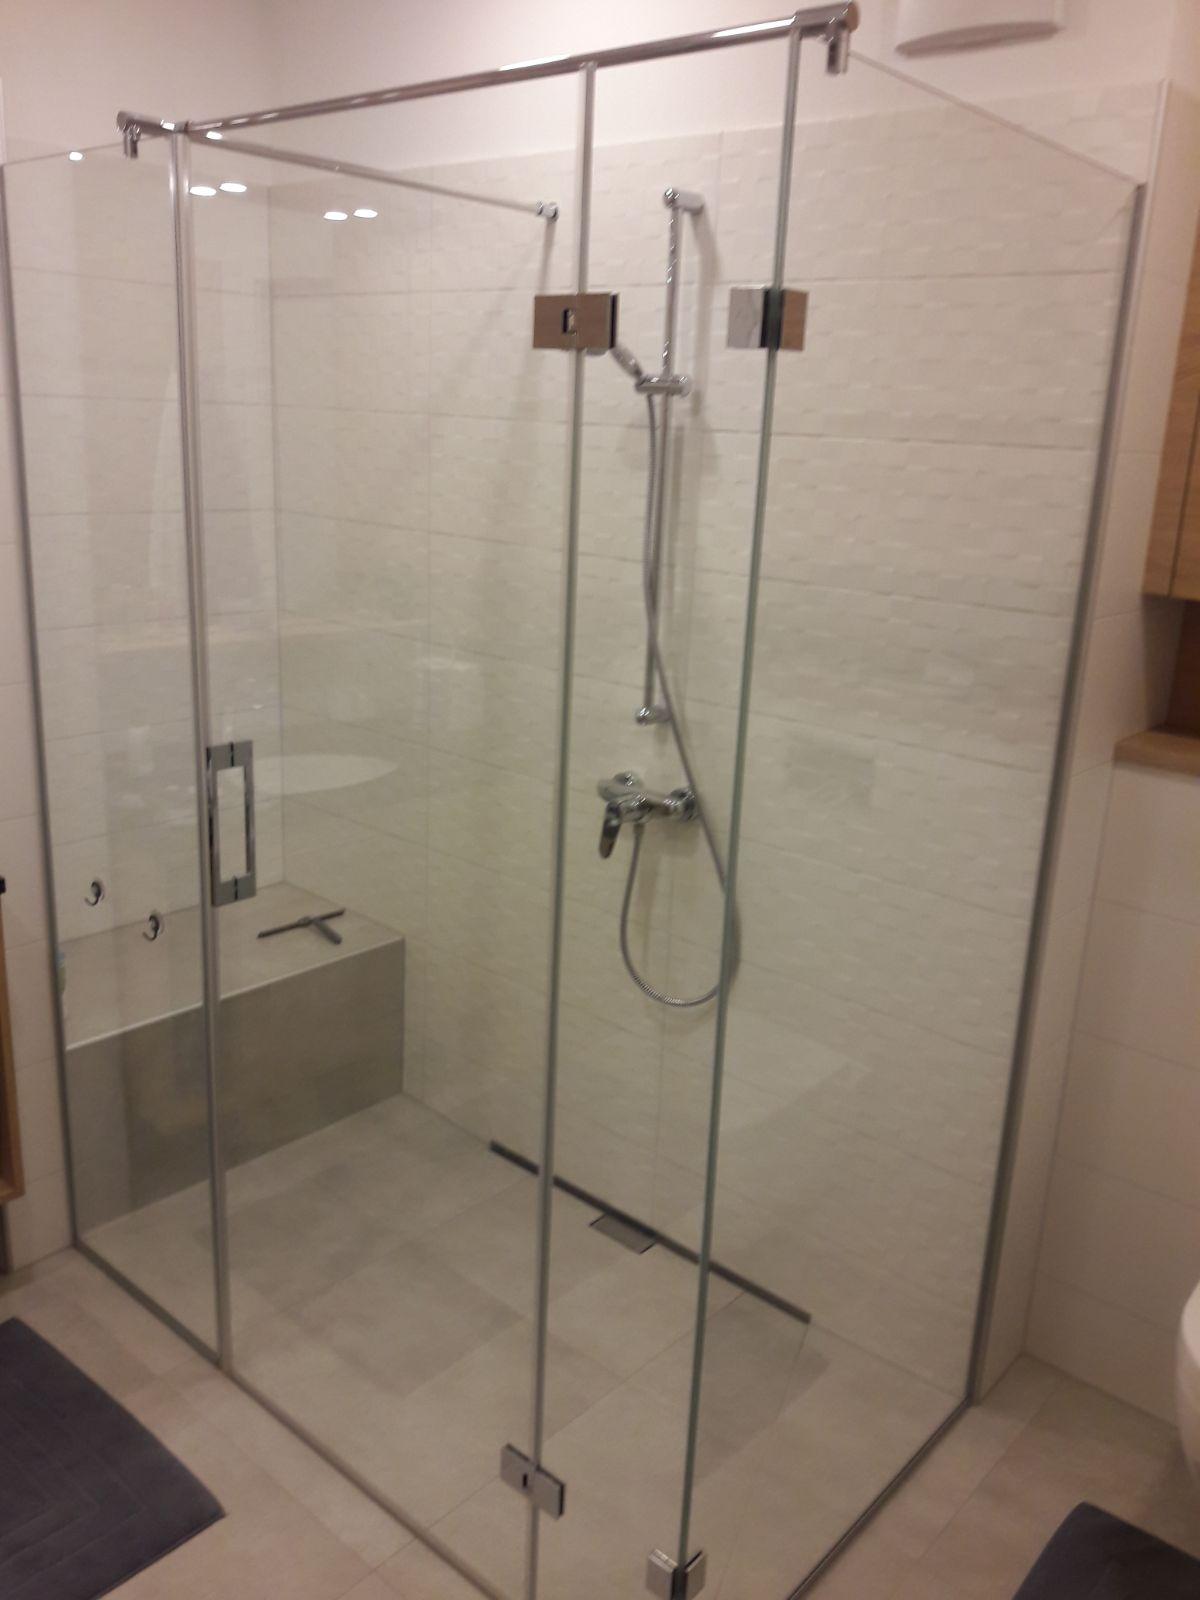 Duschen Duschtrennwand Duschkabine In Neusiedl Am See - Dusche mit glas statt fliesen